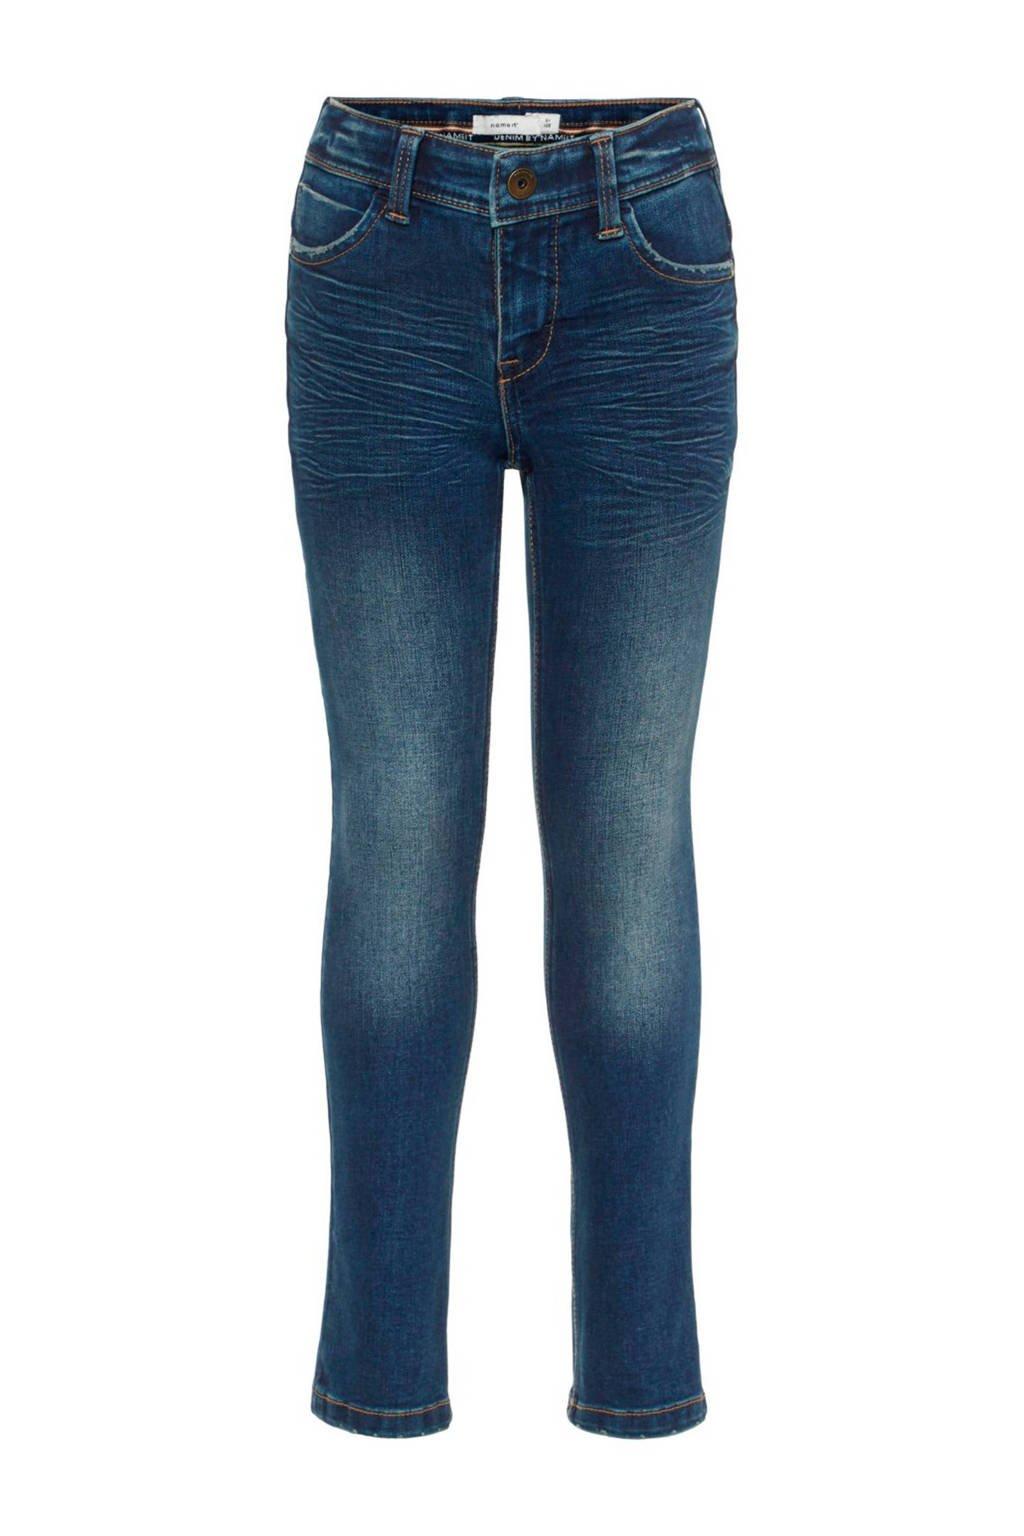 NAME IT KIDS slim fit jeans X-slim fit Theo, Dark blue denim